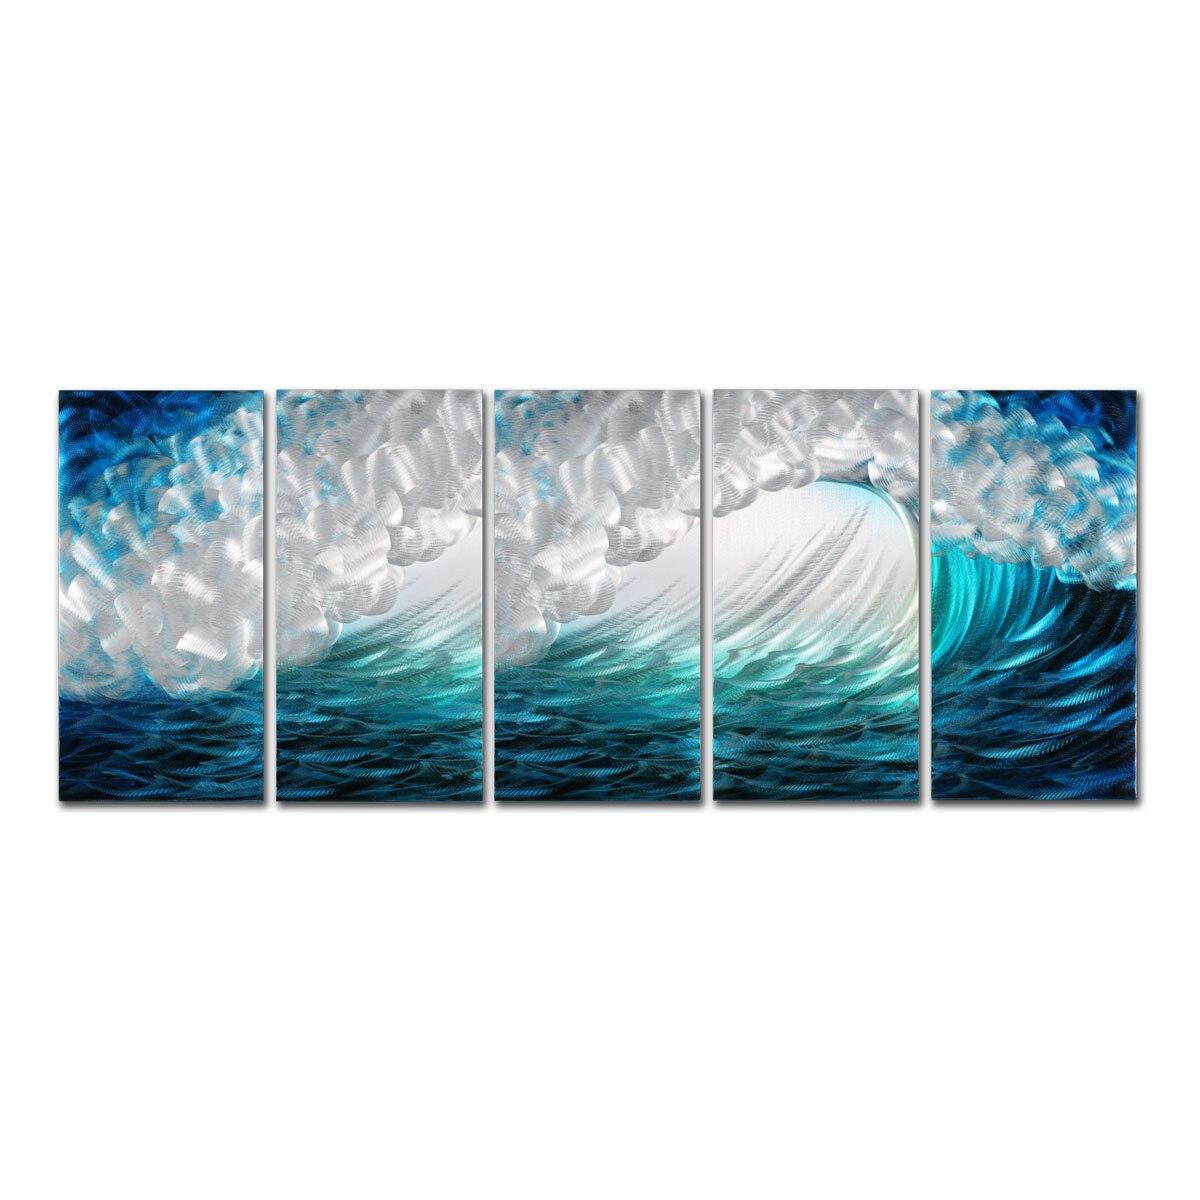 Vagues peinture moderne vague paysage marin impression mur Art décoration de la maison 5 panneaux décor décoration de la maison accessoires